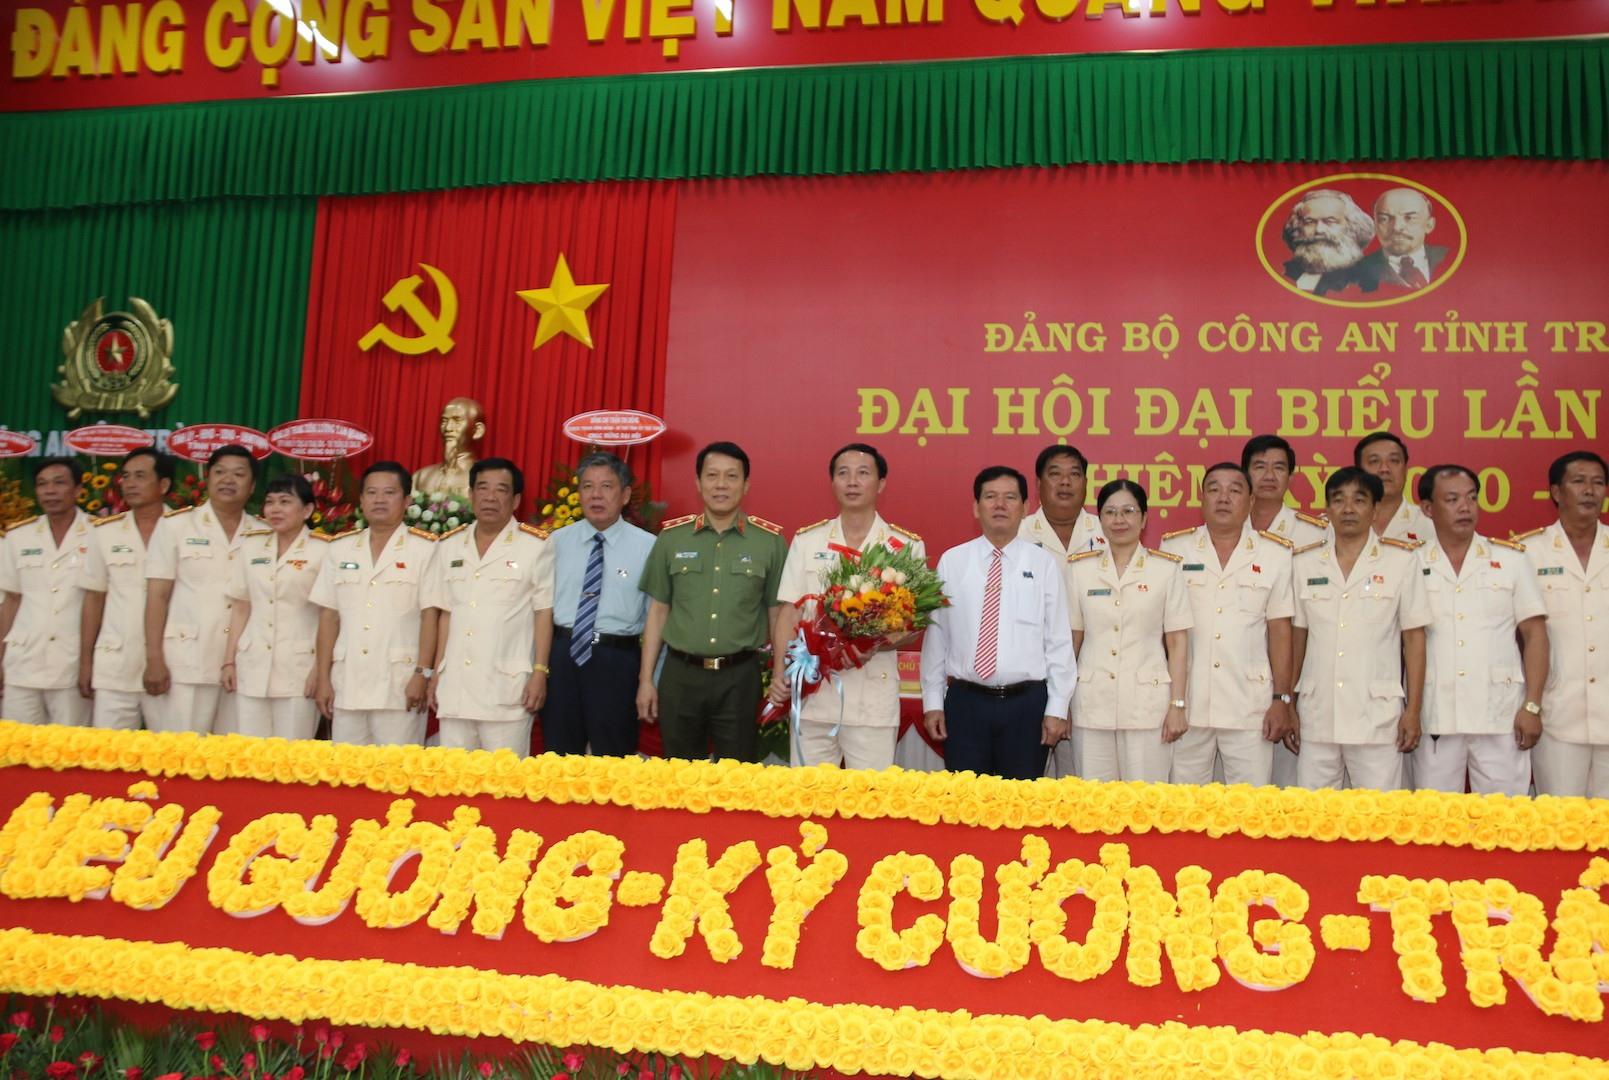 Ban Chấp hành Đảng bộ Công an tỉnh Trà Vinh ra mắt đại hội và chụp ảnh lưu niệm cùng đại biểu. Ảnh: P.V.